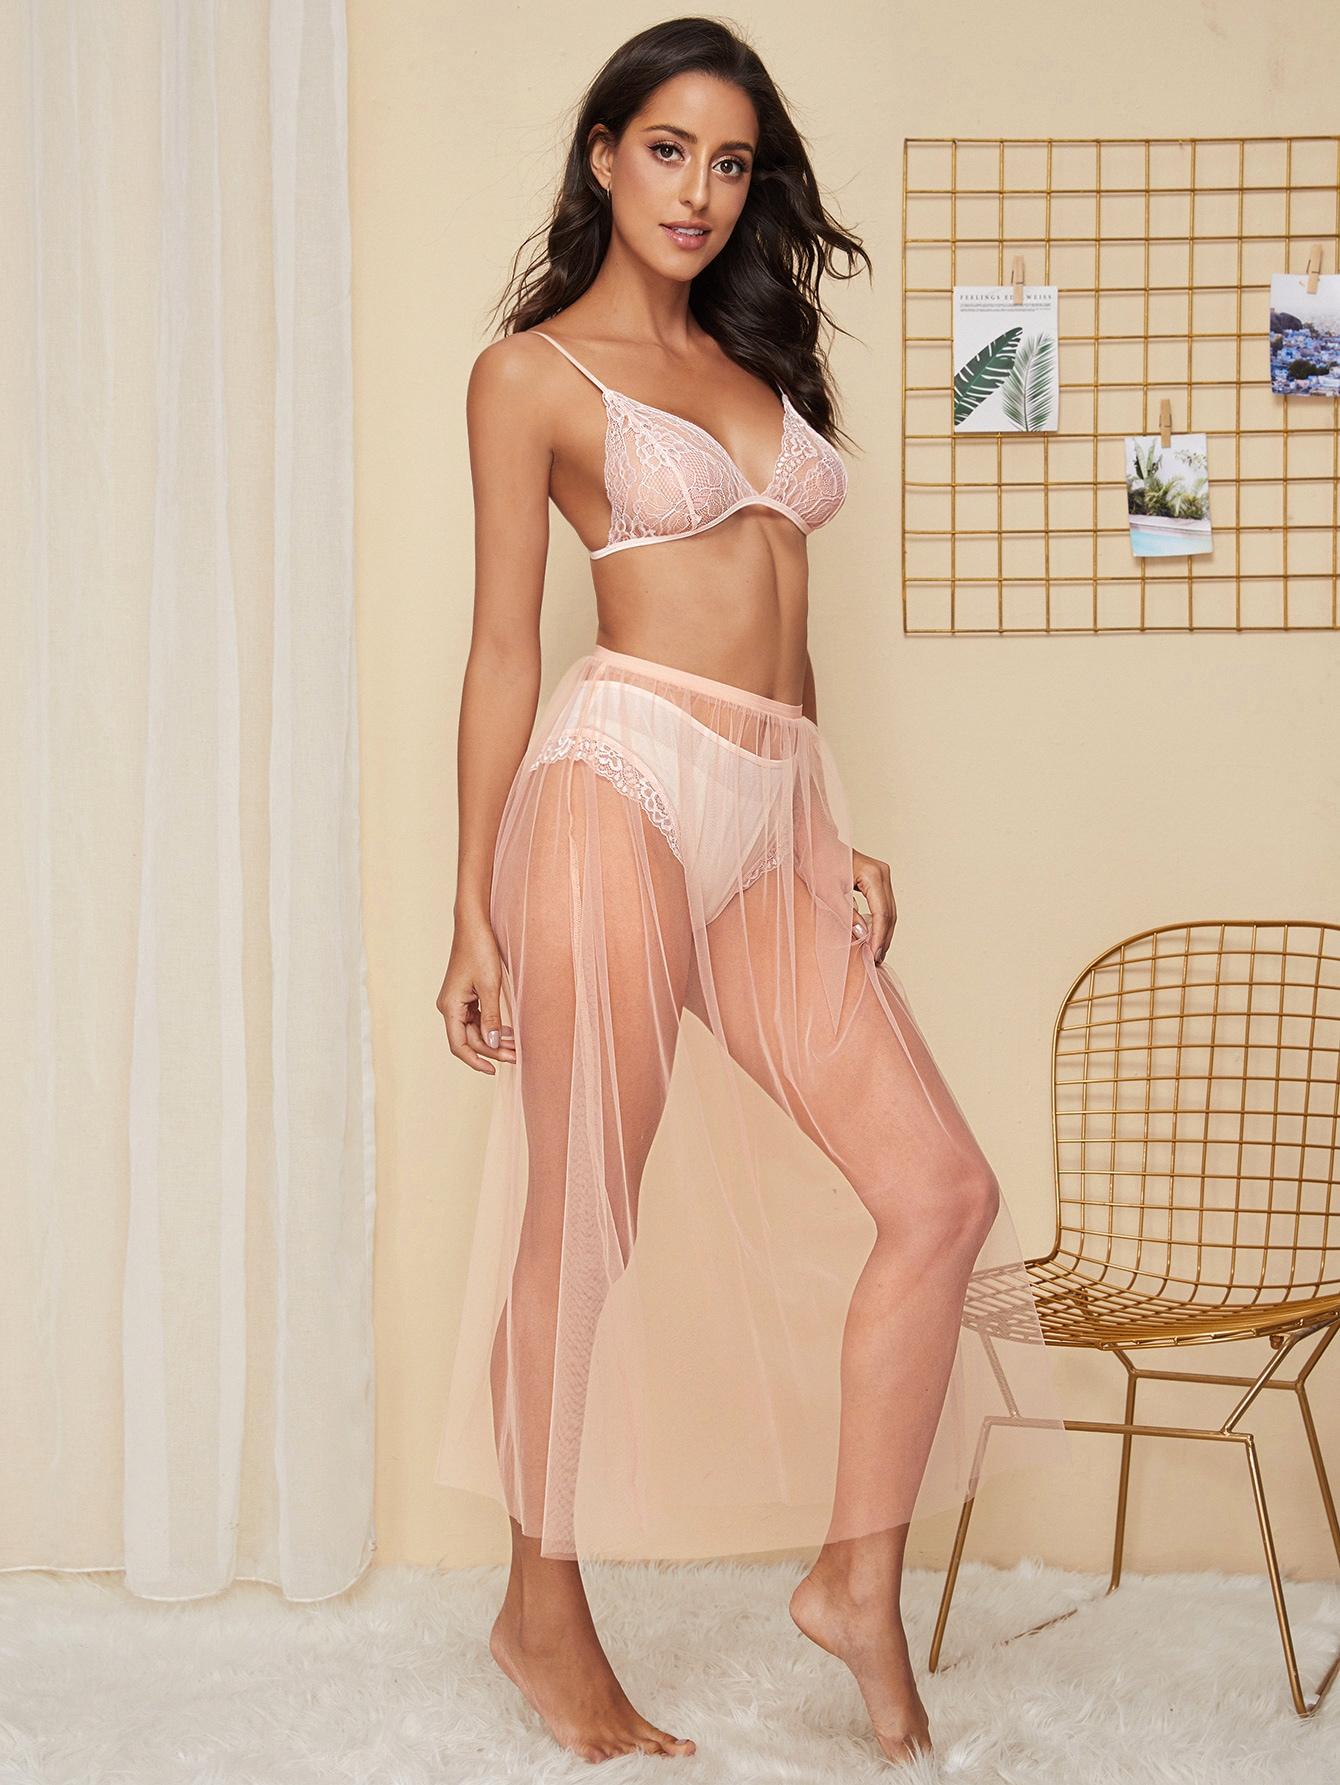 Кружевной комплект нижнего белья и сетчатая юбка